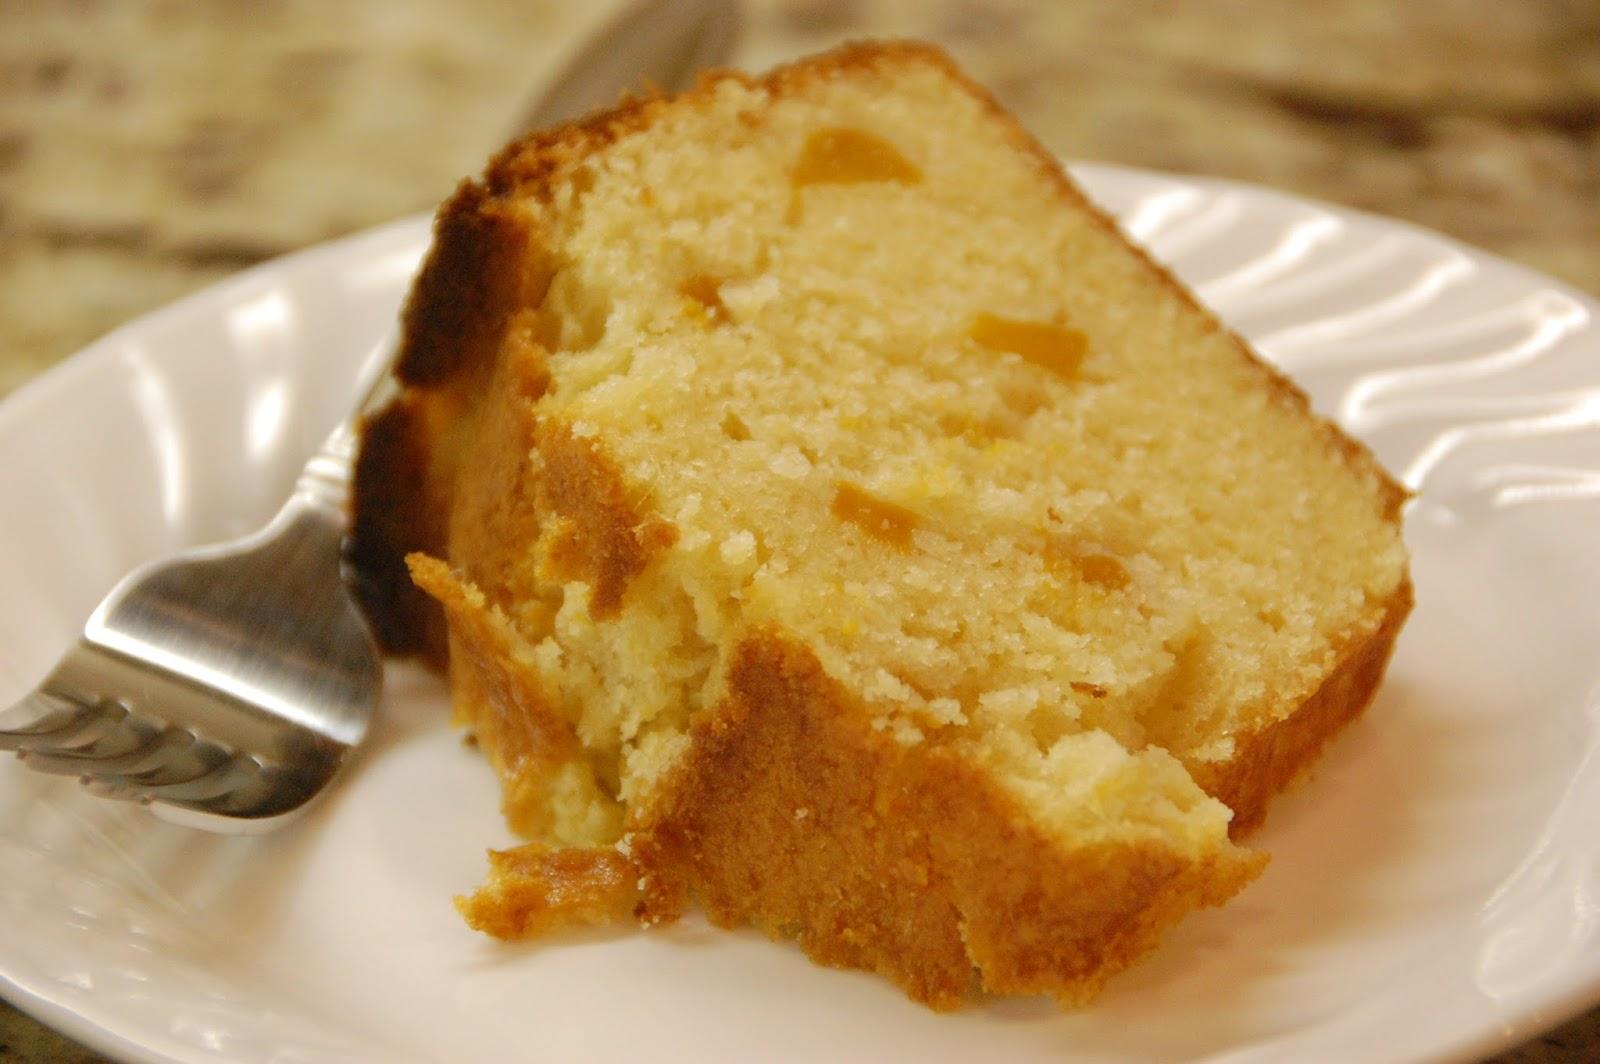 Punjabi food recipes punjabi dishes punjabi food punjabi recipes eggless cake recipe forumfinder Images